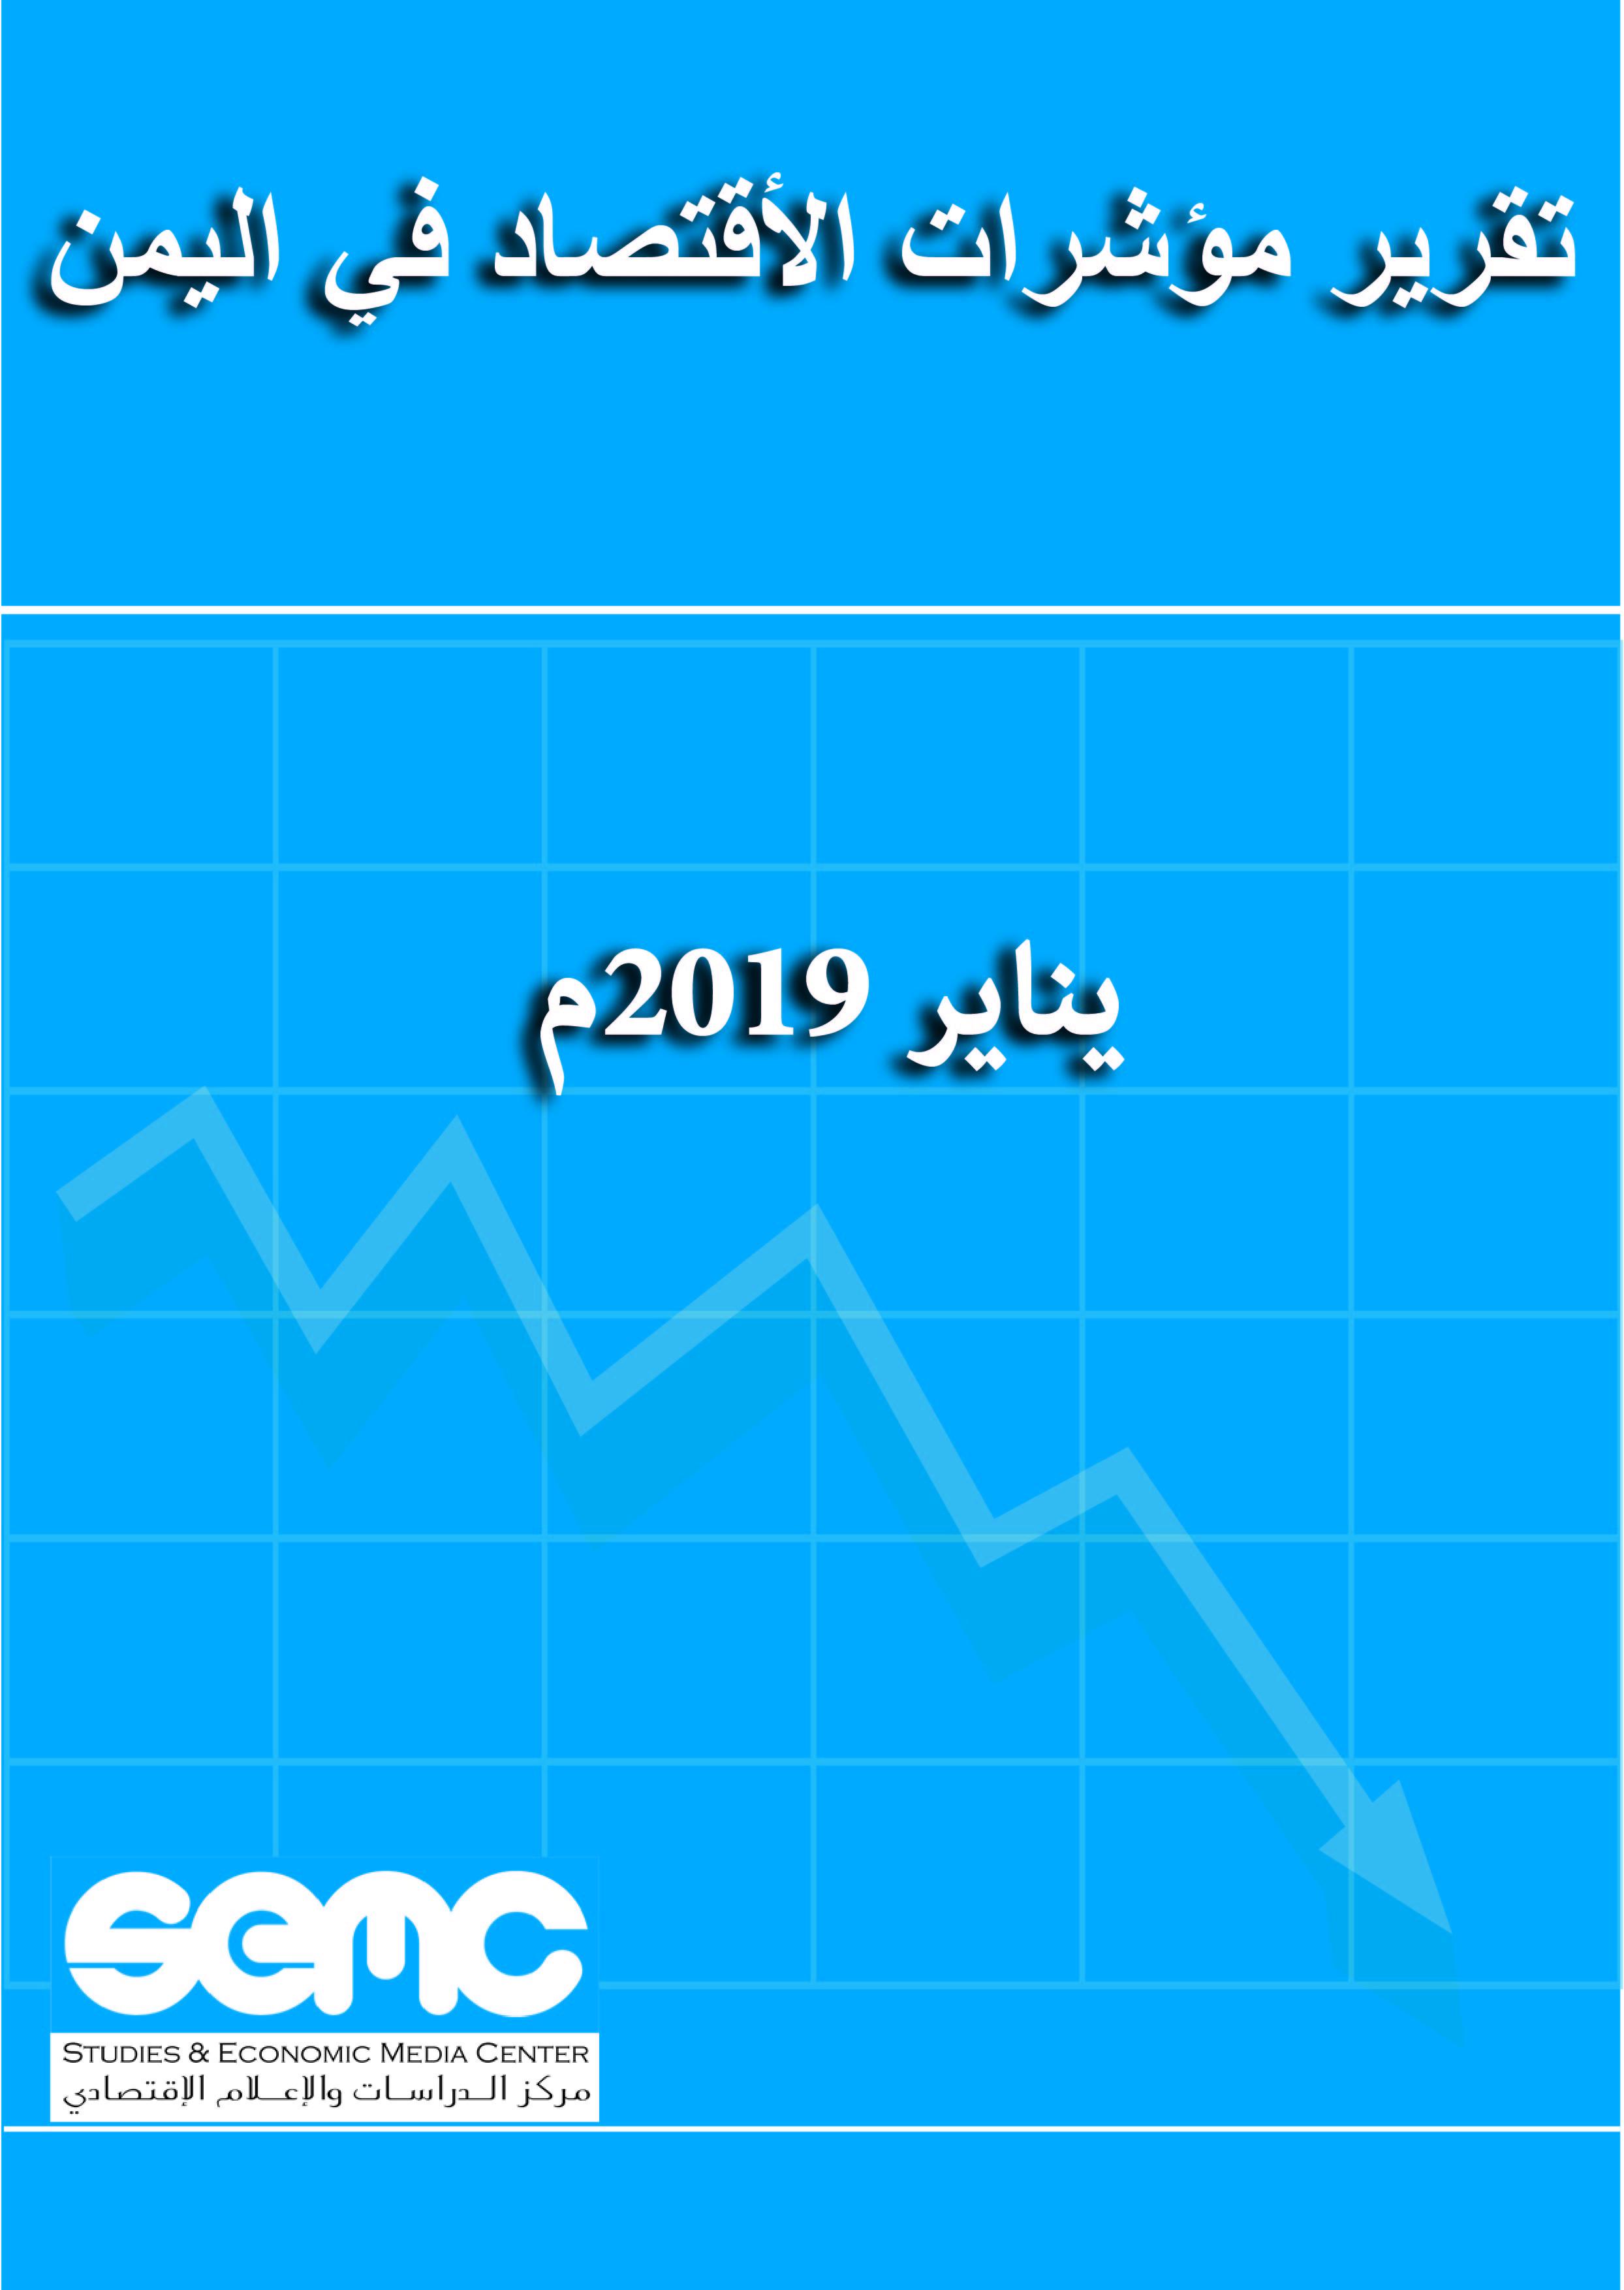 تقرير مؤشرات الاقتصاد اليمني يناير 2019م